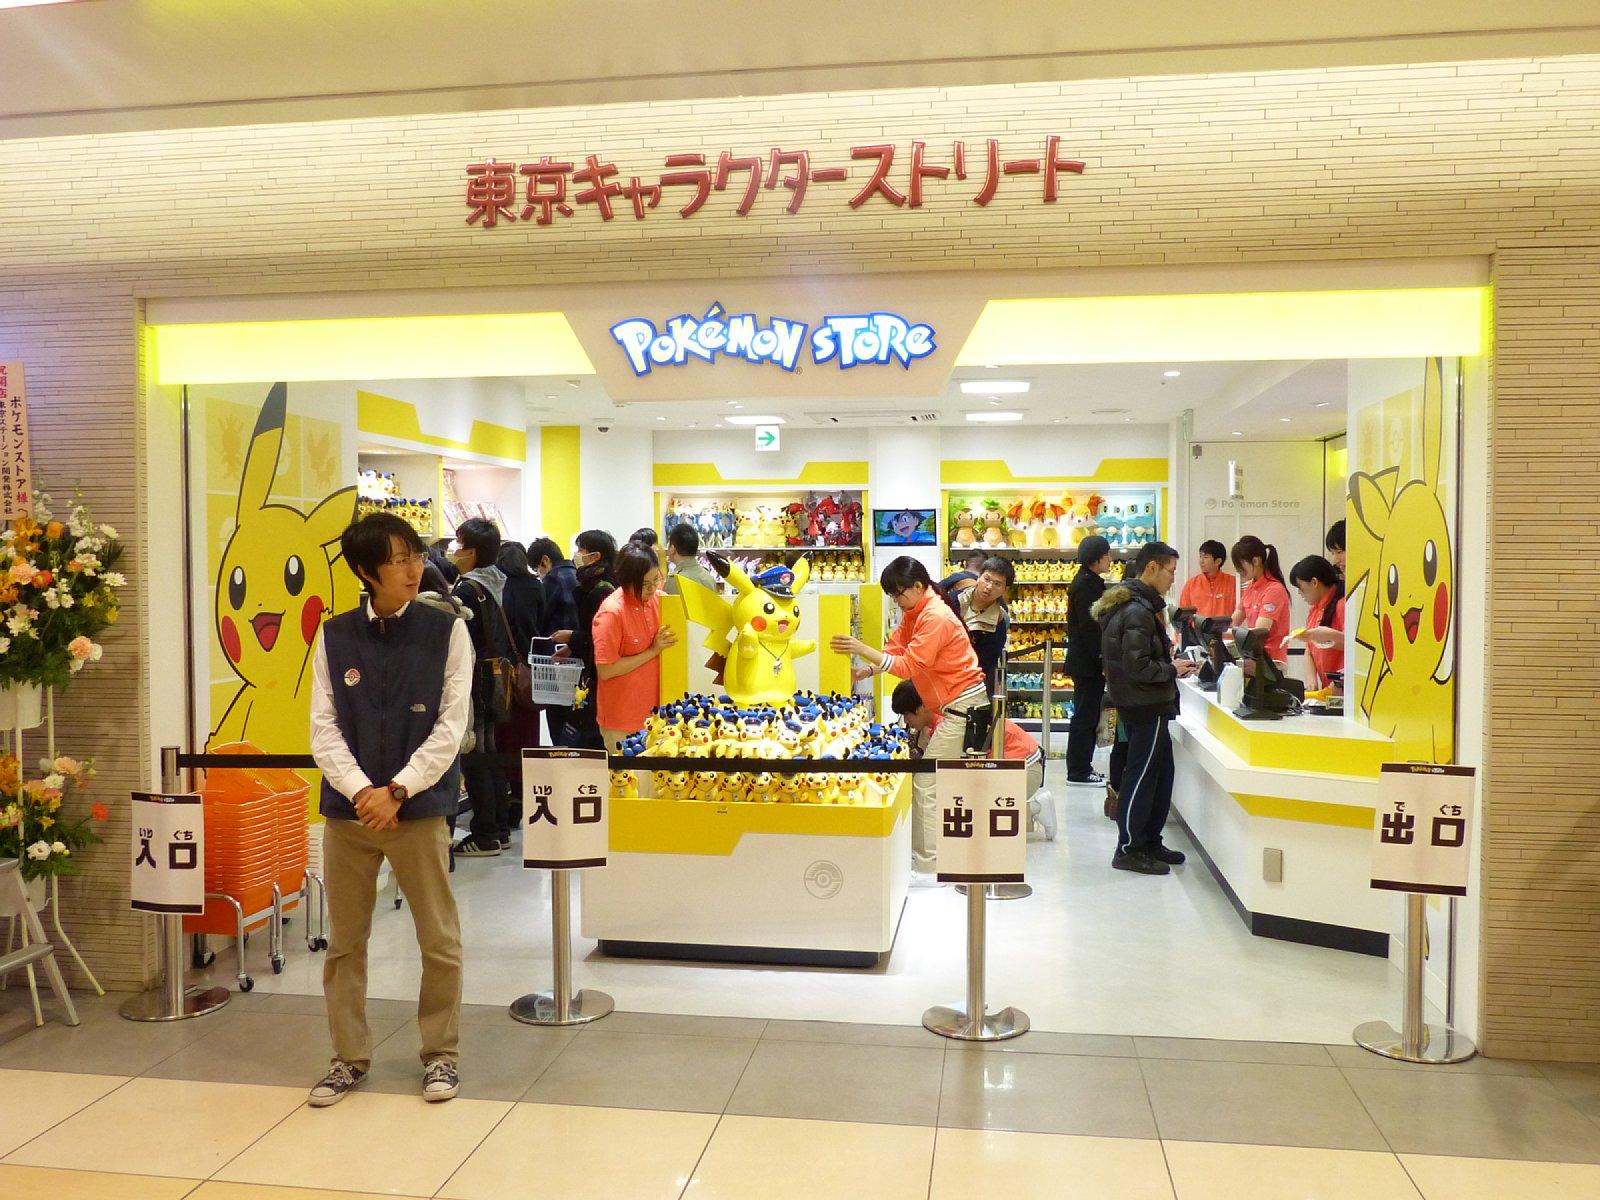 駅長さんピカチュウが待っている! 東京駅にオープンしたポケモン